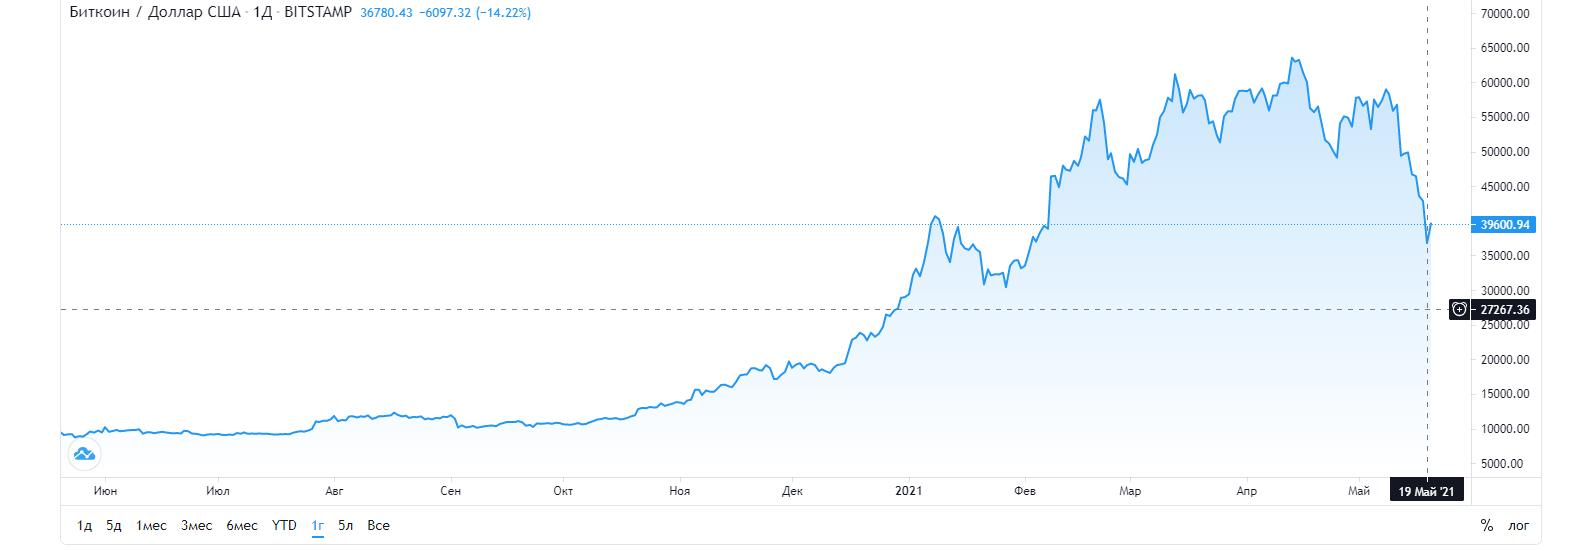 Курс Bitcoin обрушился до $ 30 000, но потом снова вырос (image 6)